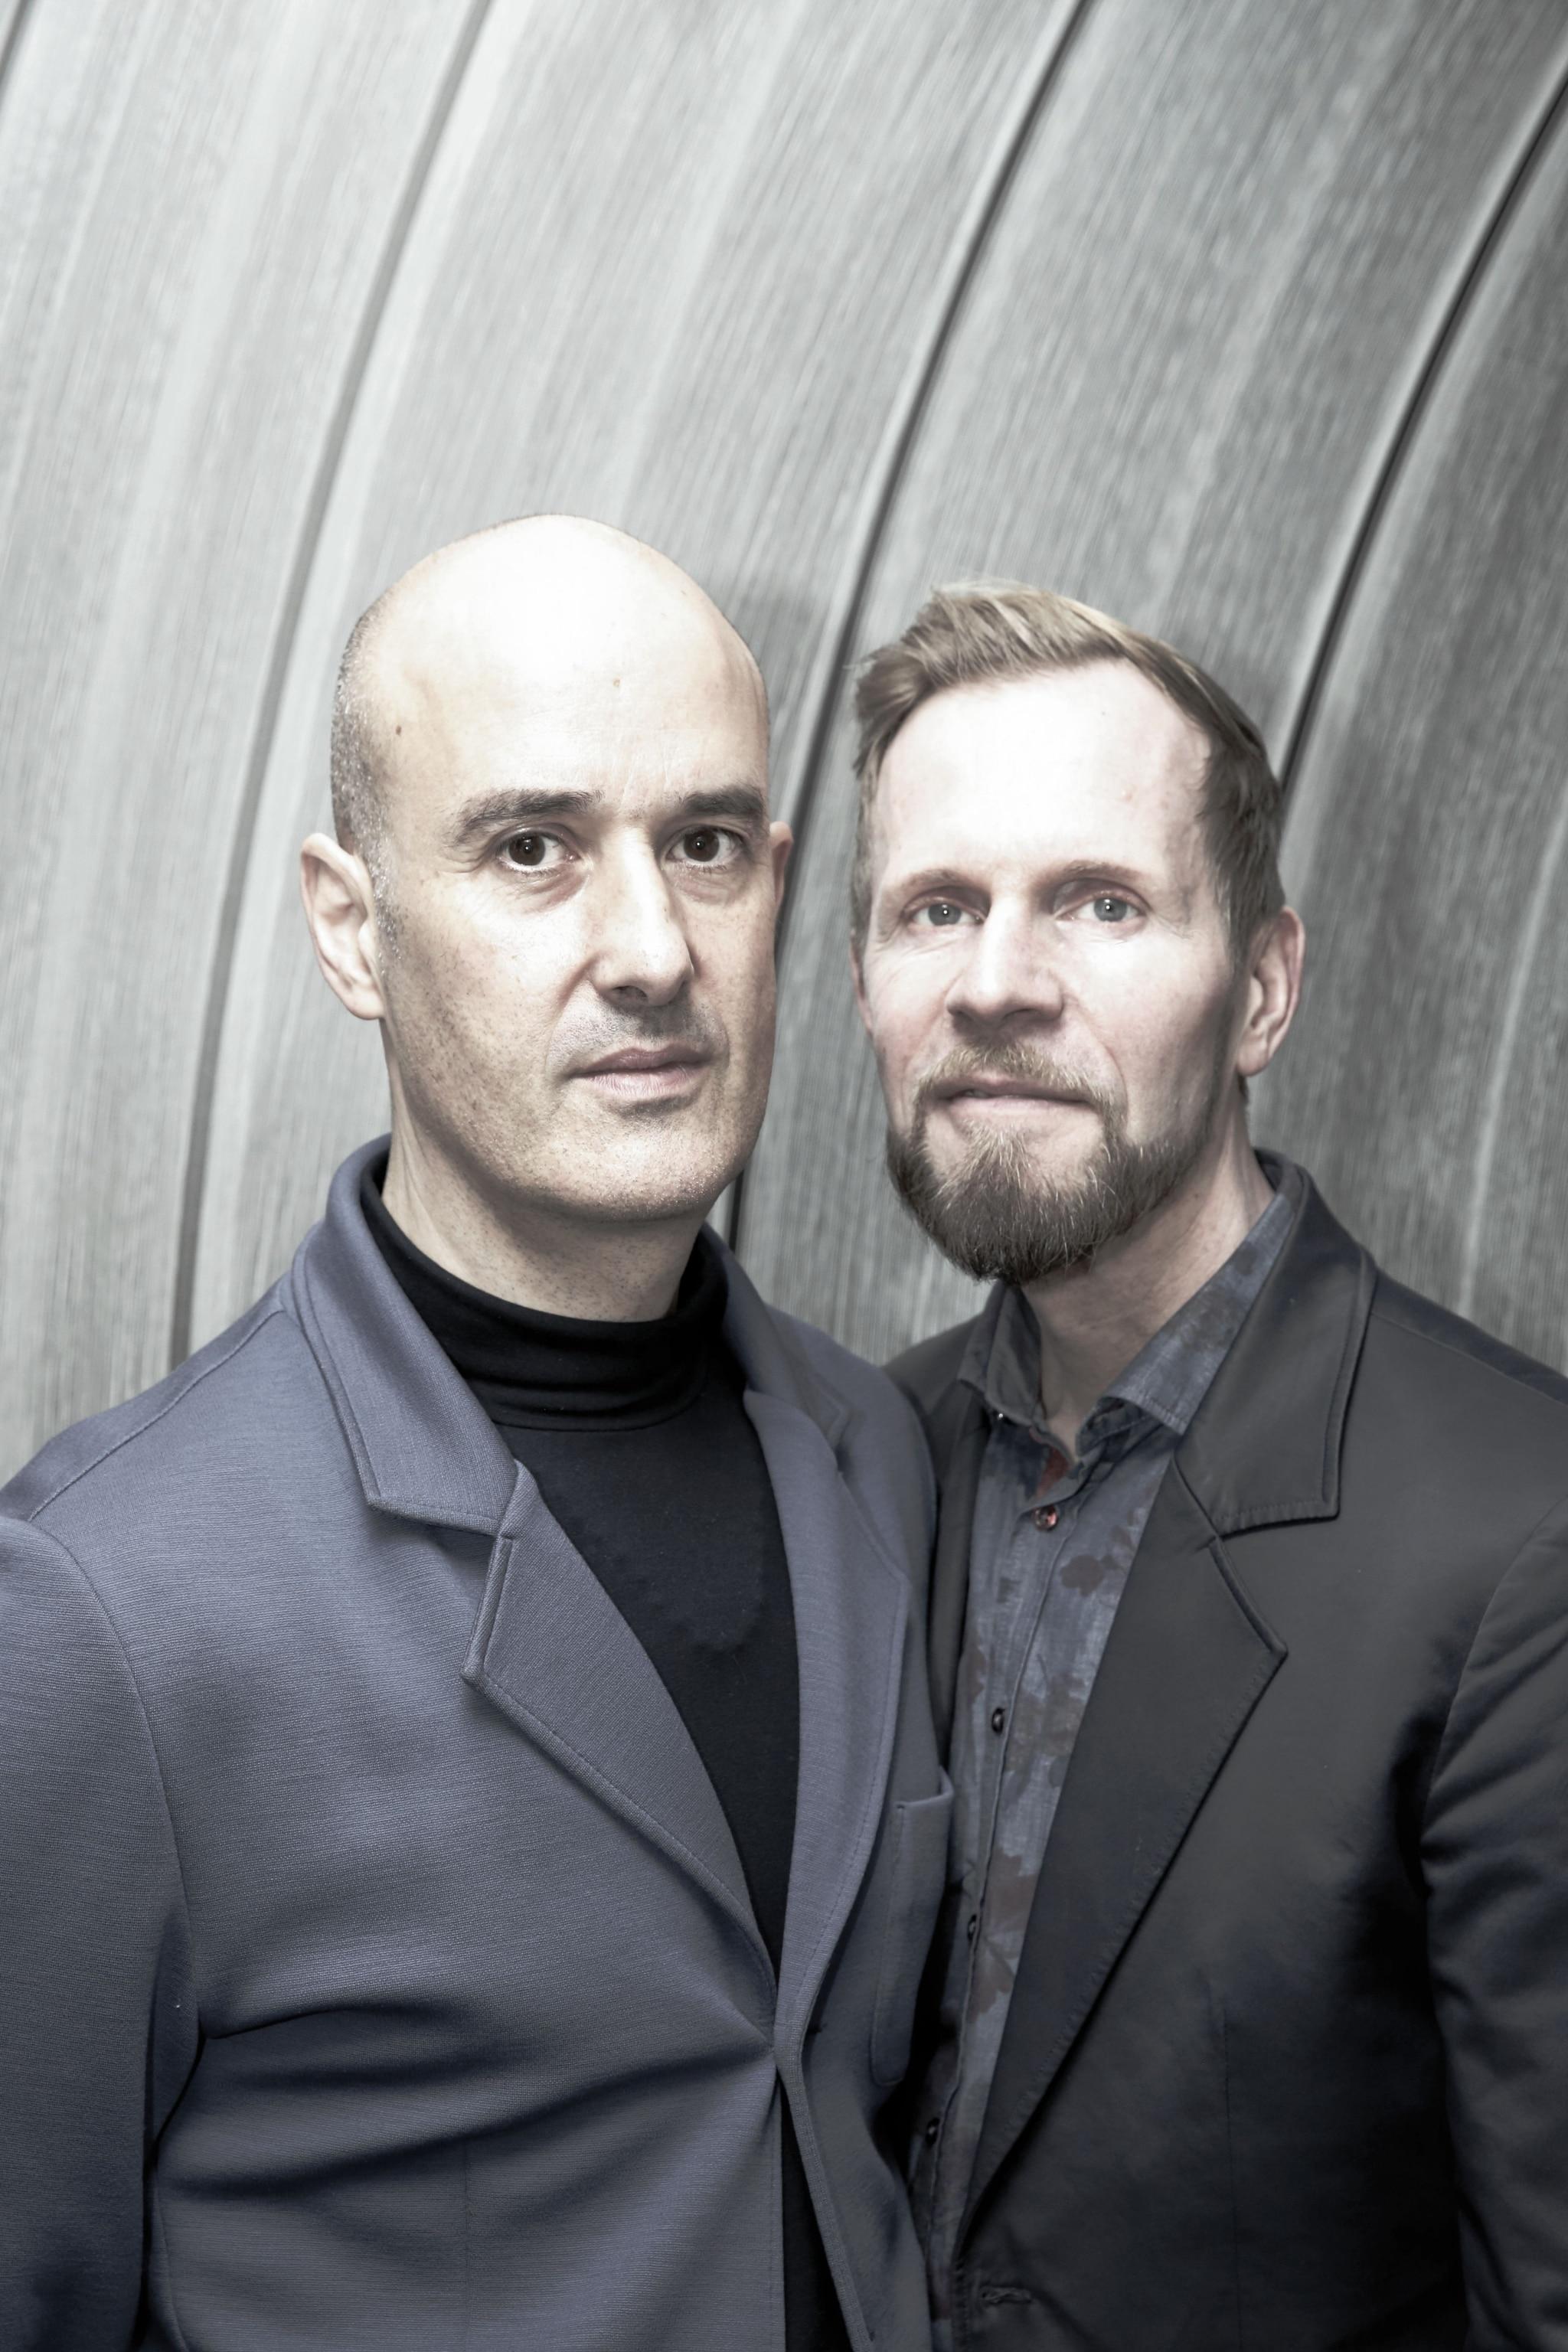 Stefan Harm und Tobias Jopp - Modedesigner von Harm Jopp Jerseys.